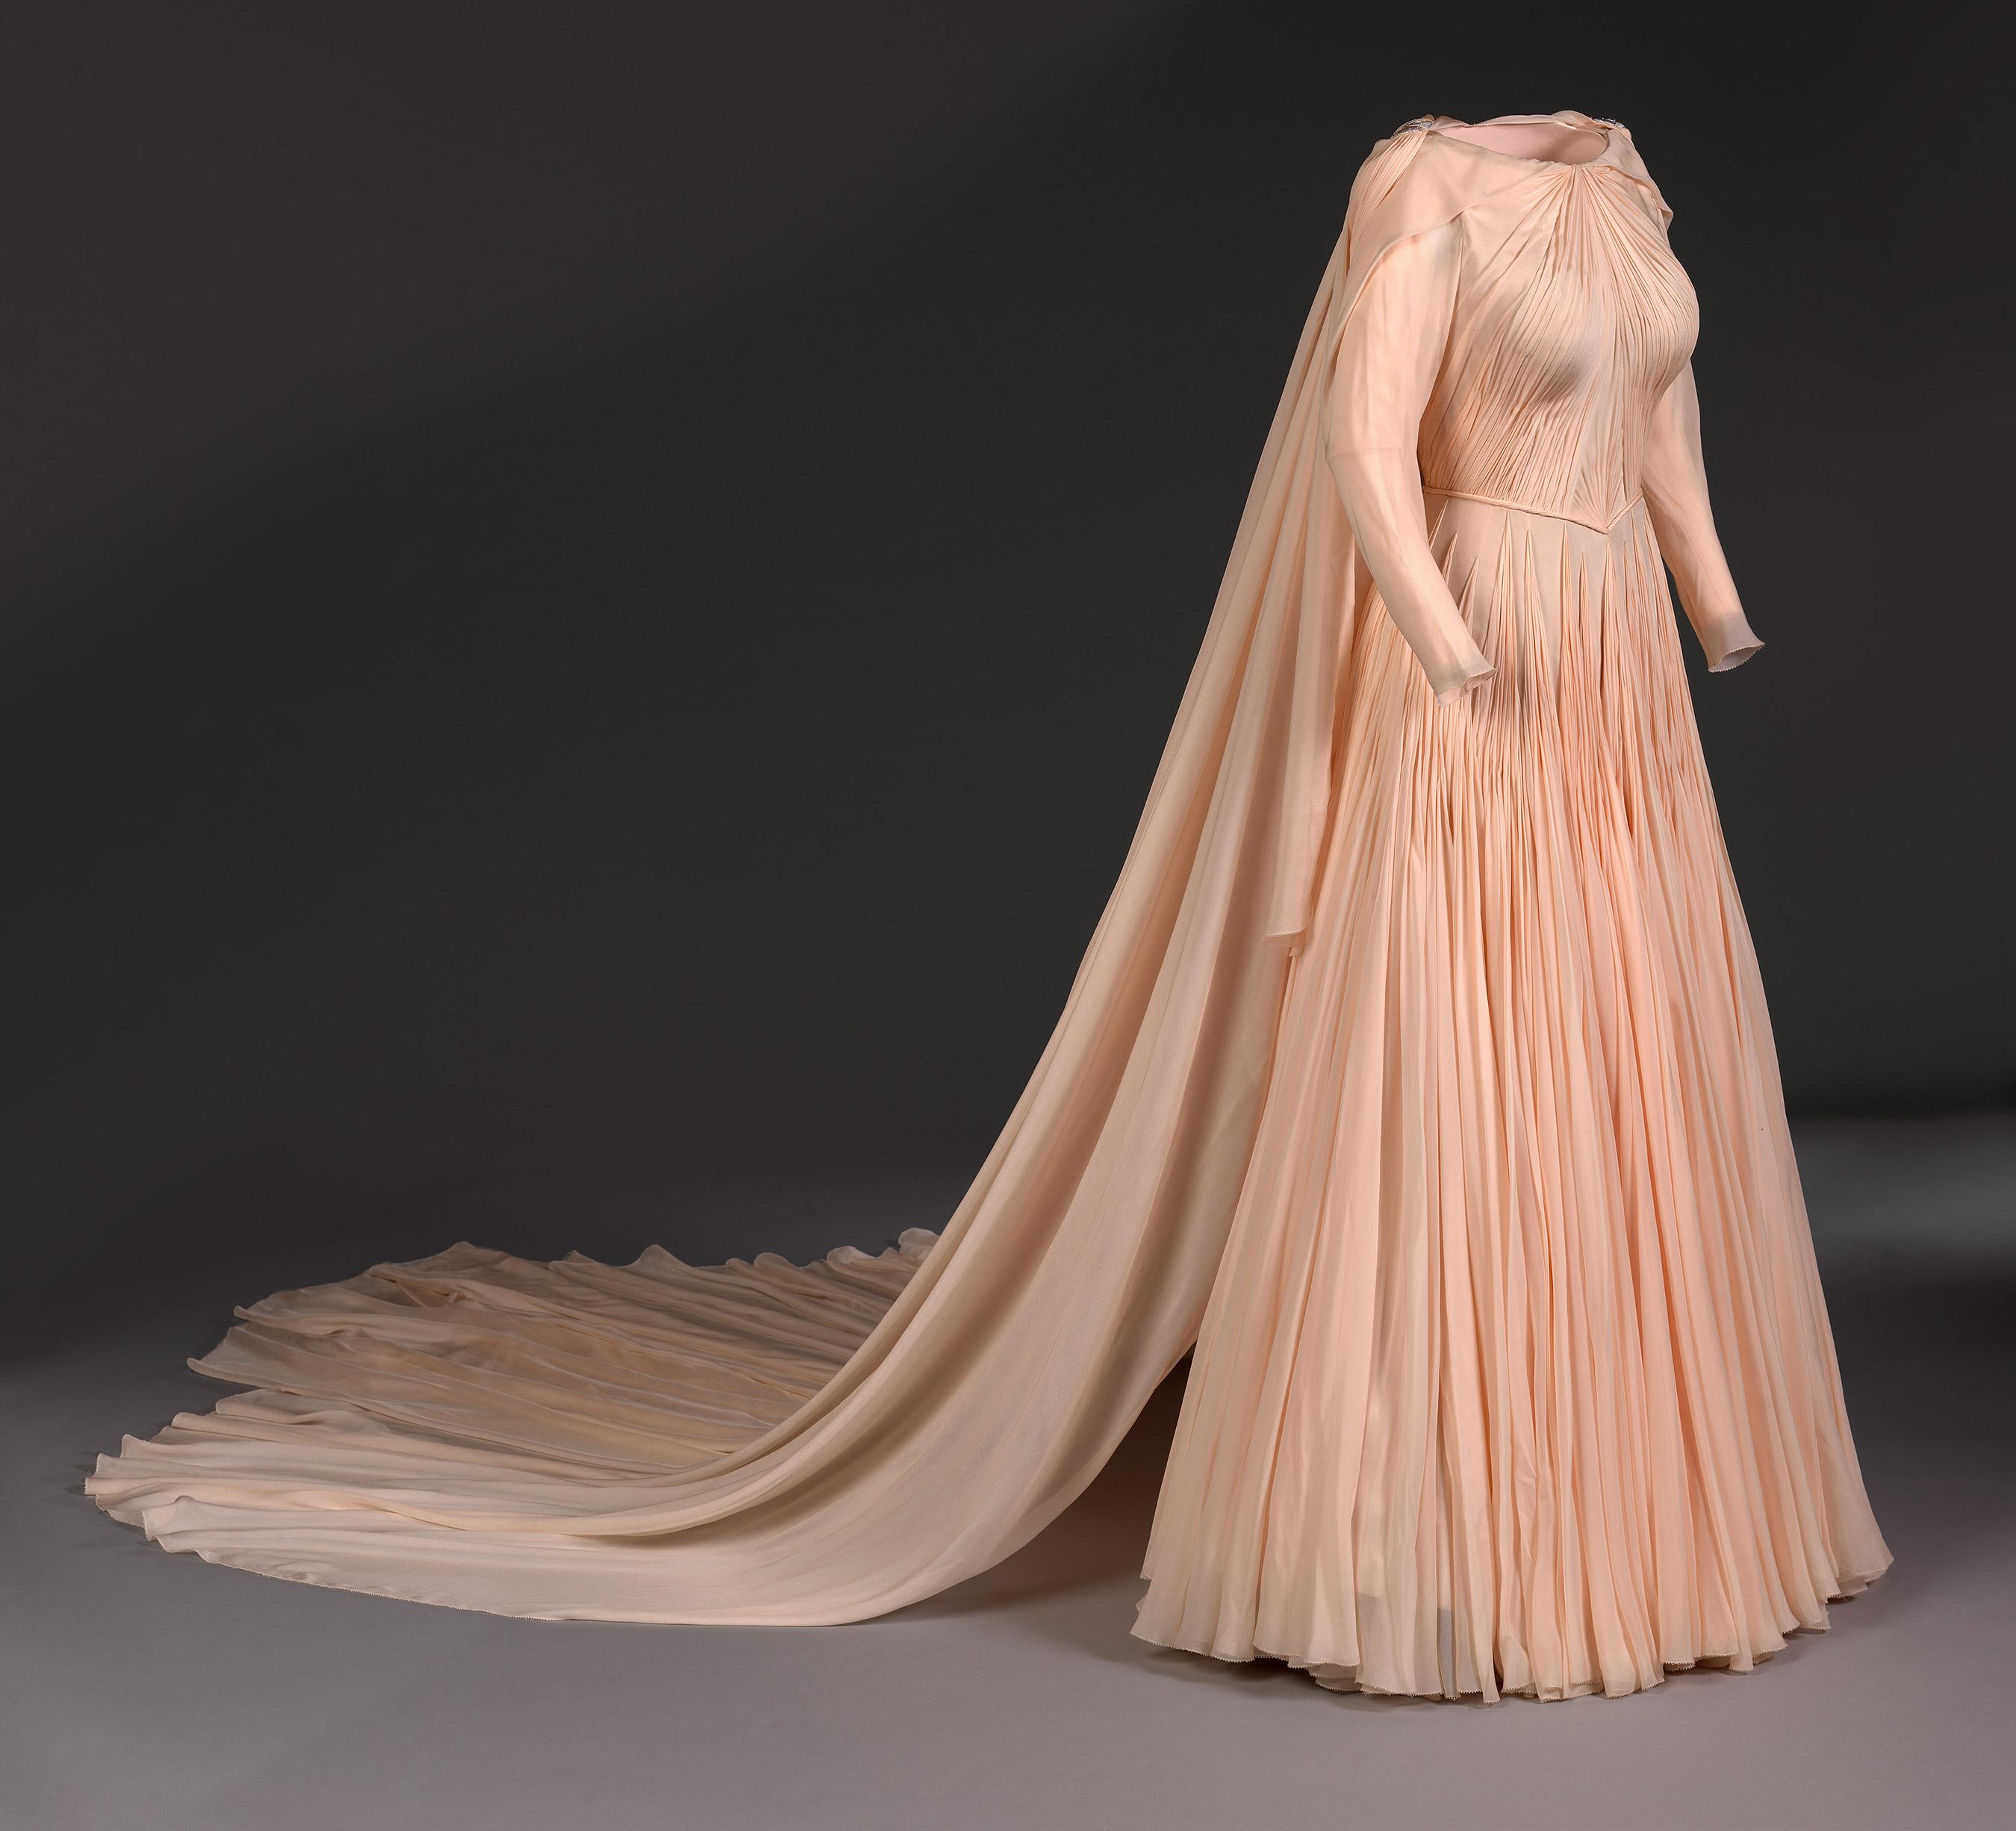 Vestido da princesa Eugenie criado pelo estilista Zac Posen